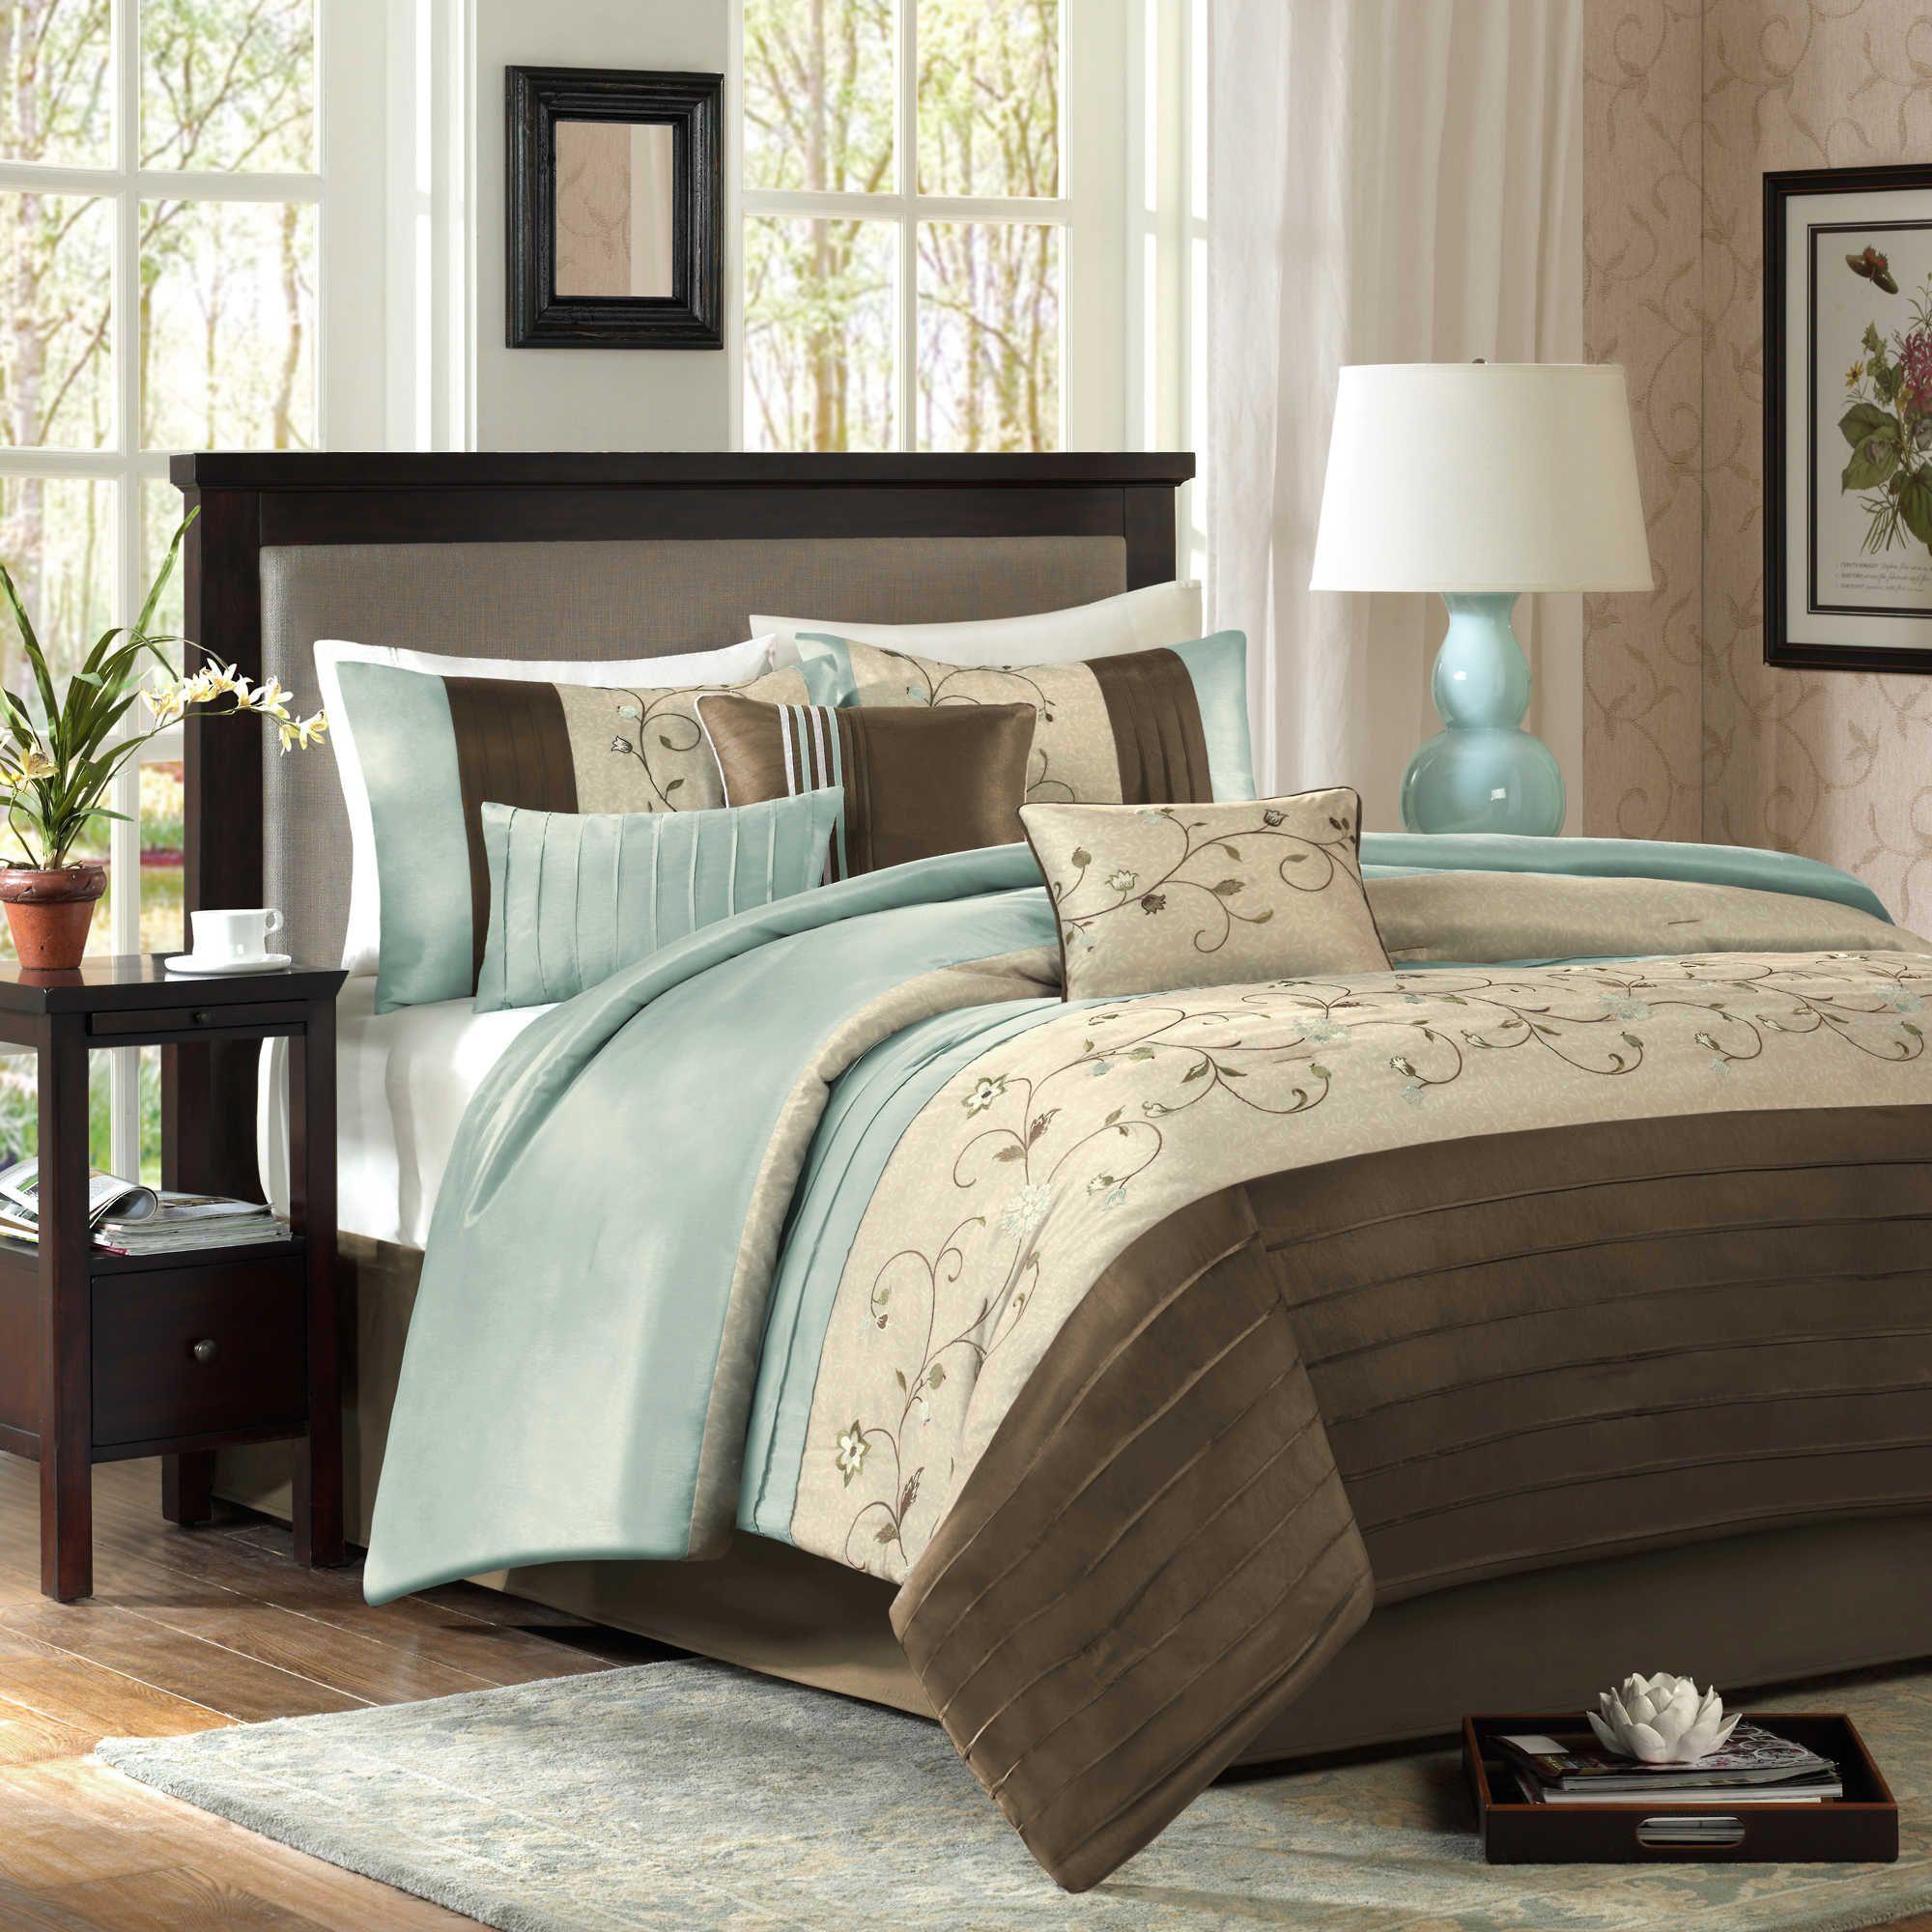 Madison Park Serene 7 Piece Comforter Set Comforter Sets Blue